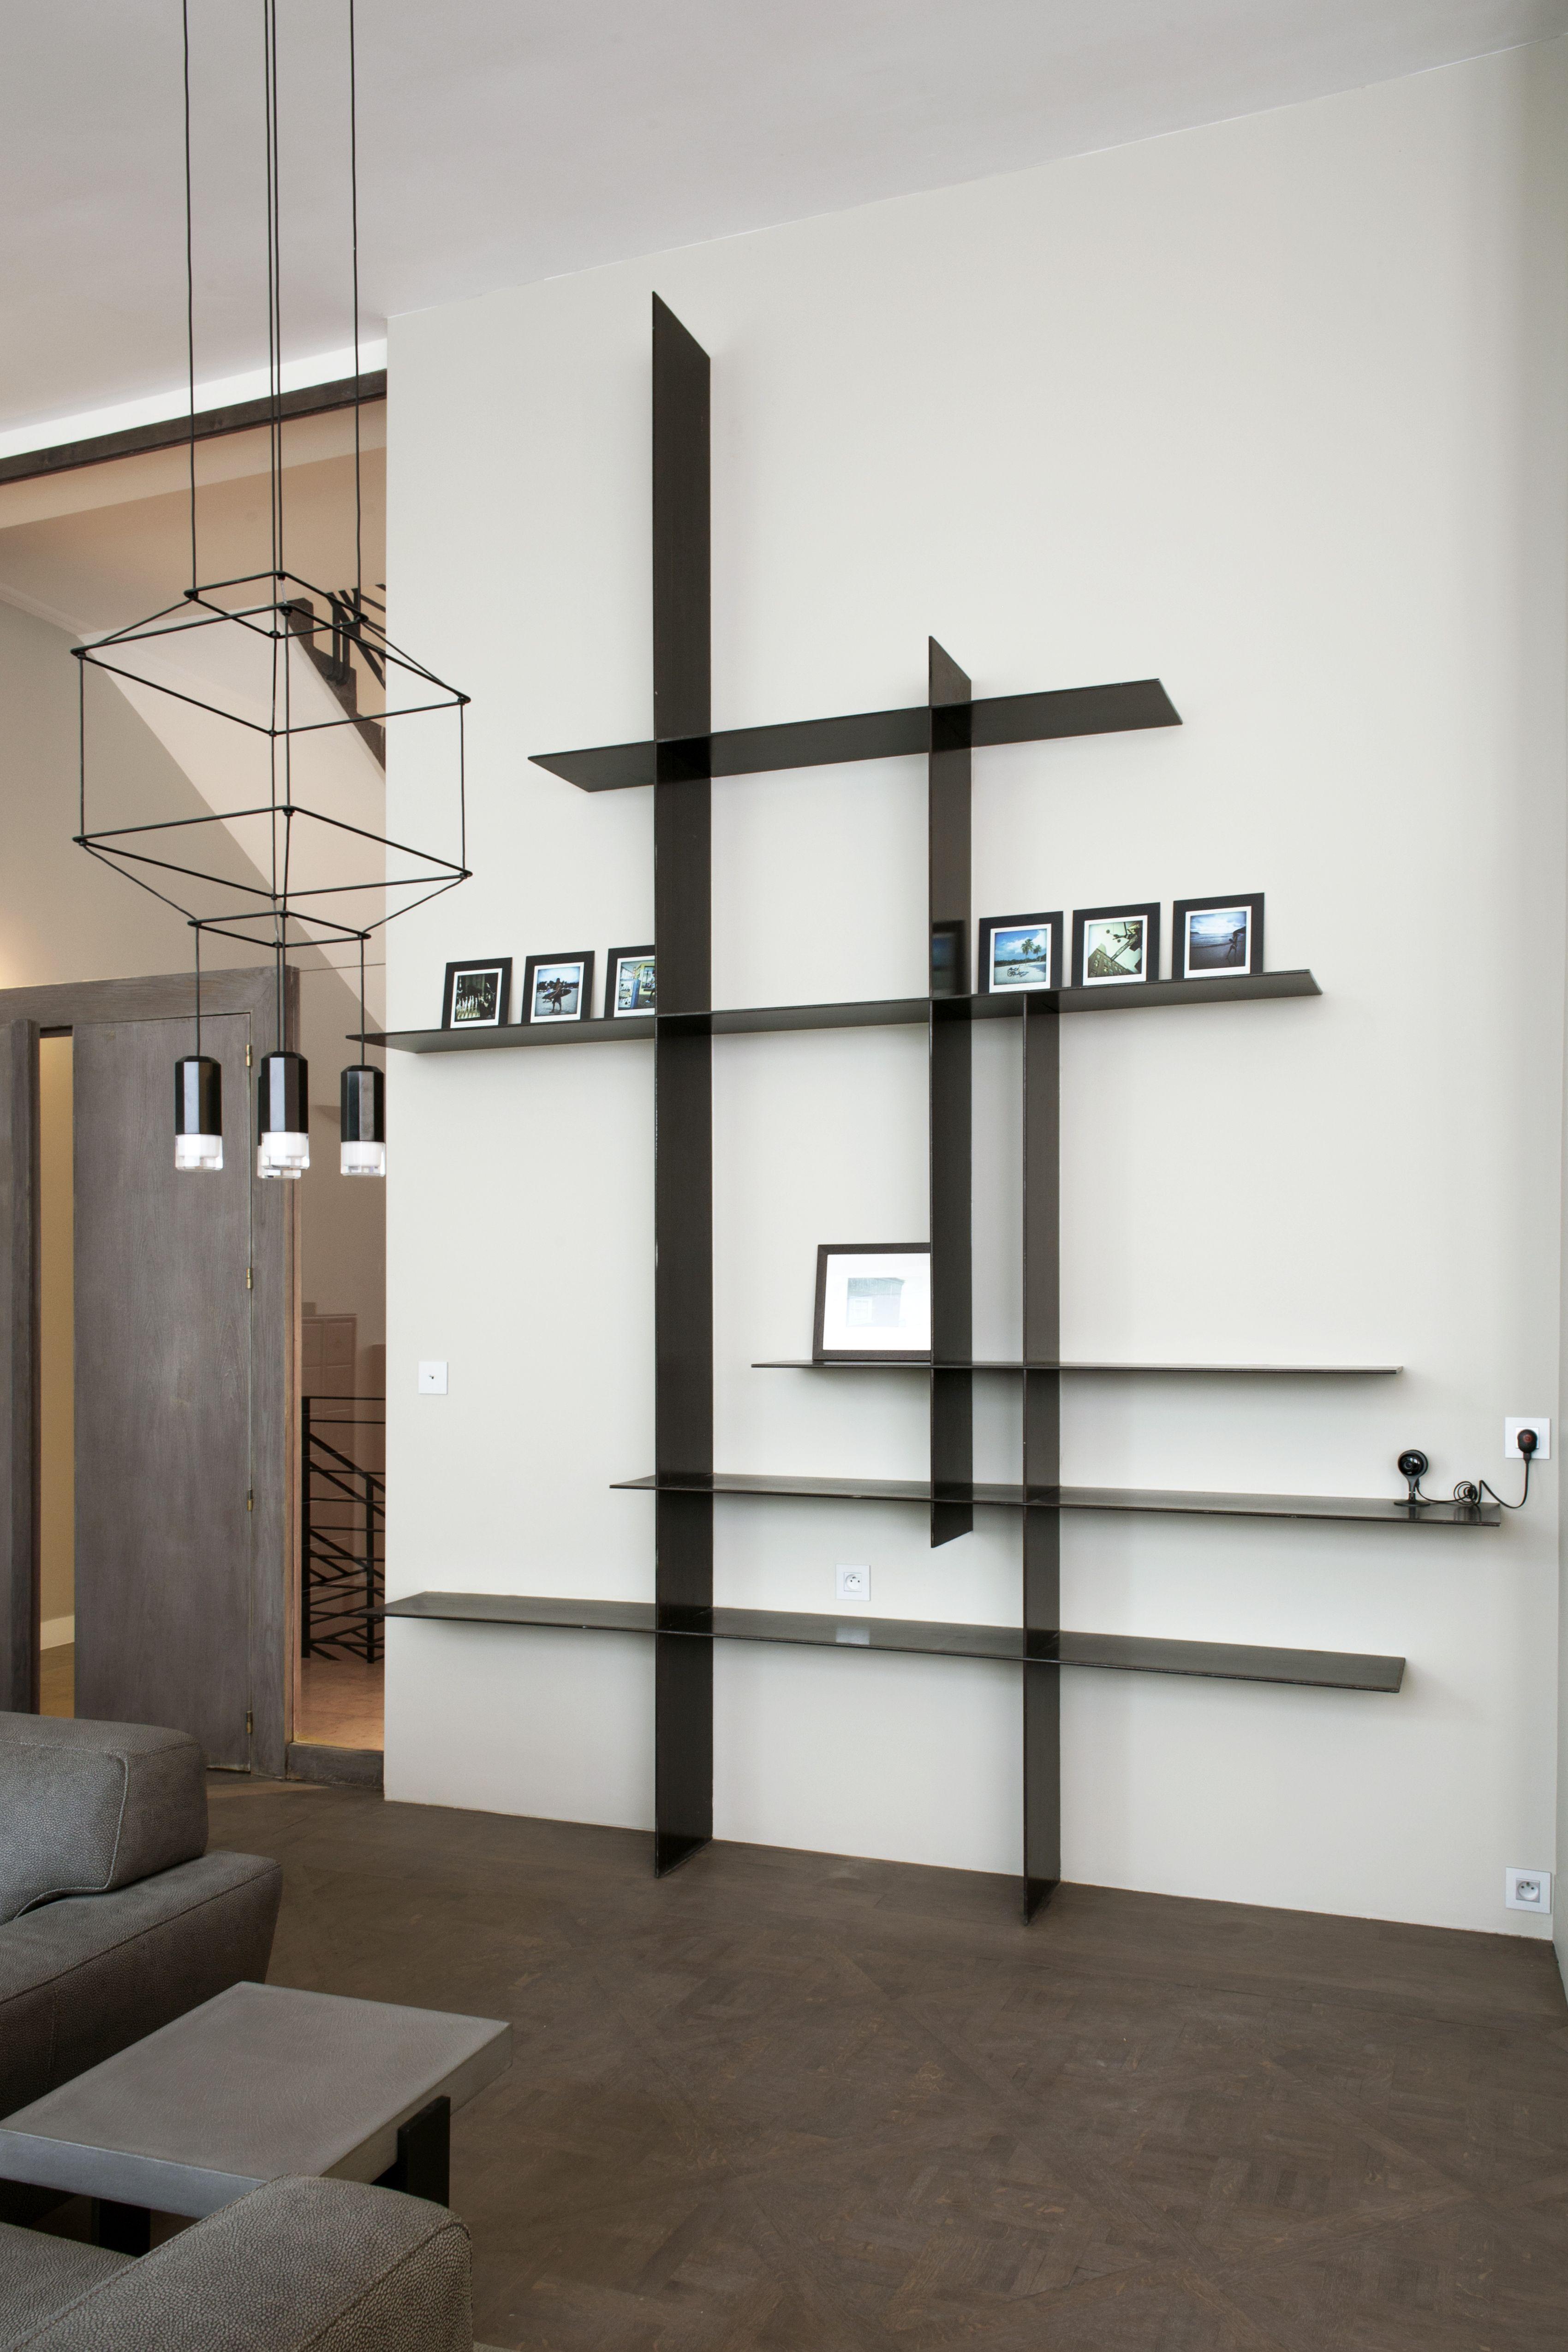 sq du roule1 meubles architectures objets design pinterest architecte interieur. Black Bedroom Furniture Sets. Home Design Ideas